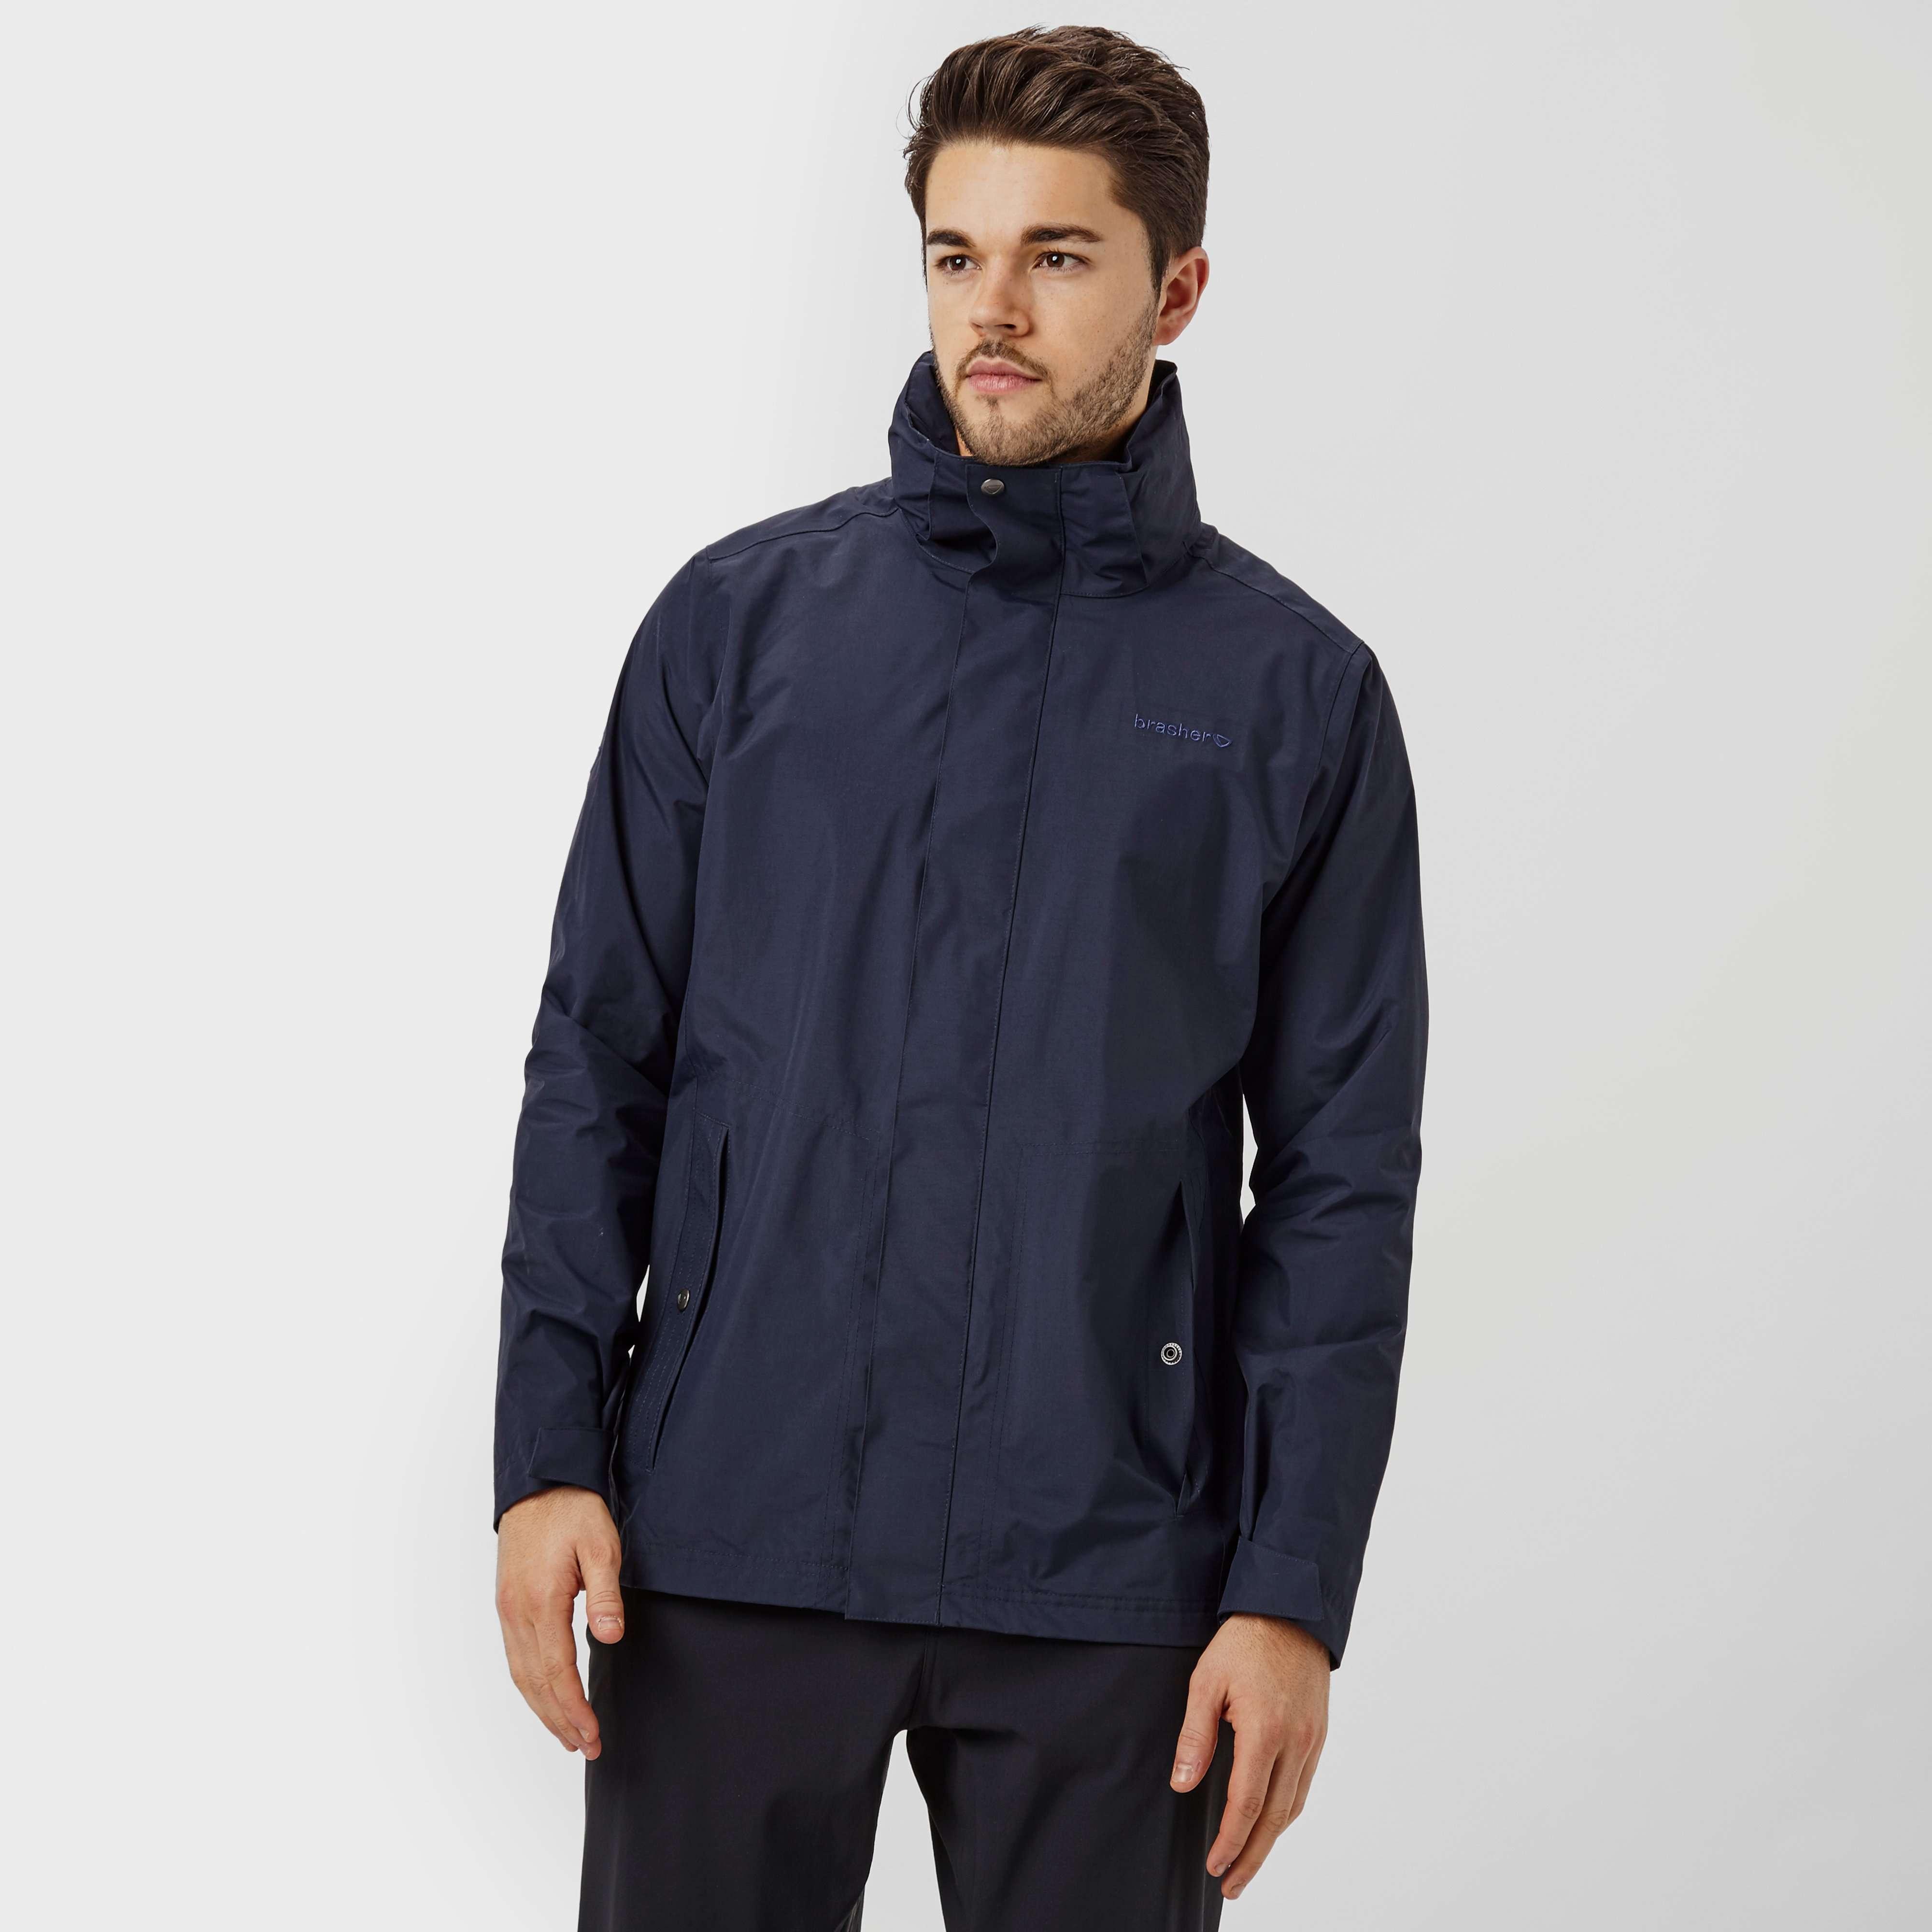 BRASHER Men's Windermere Jacket